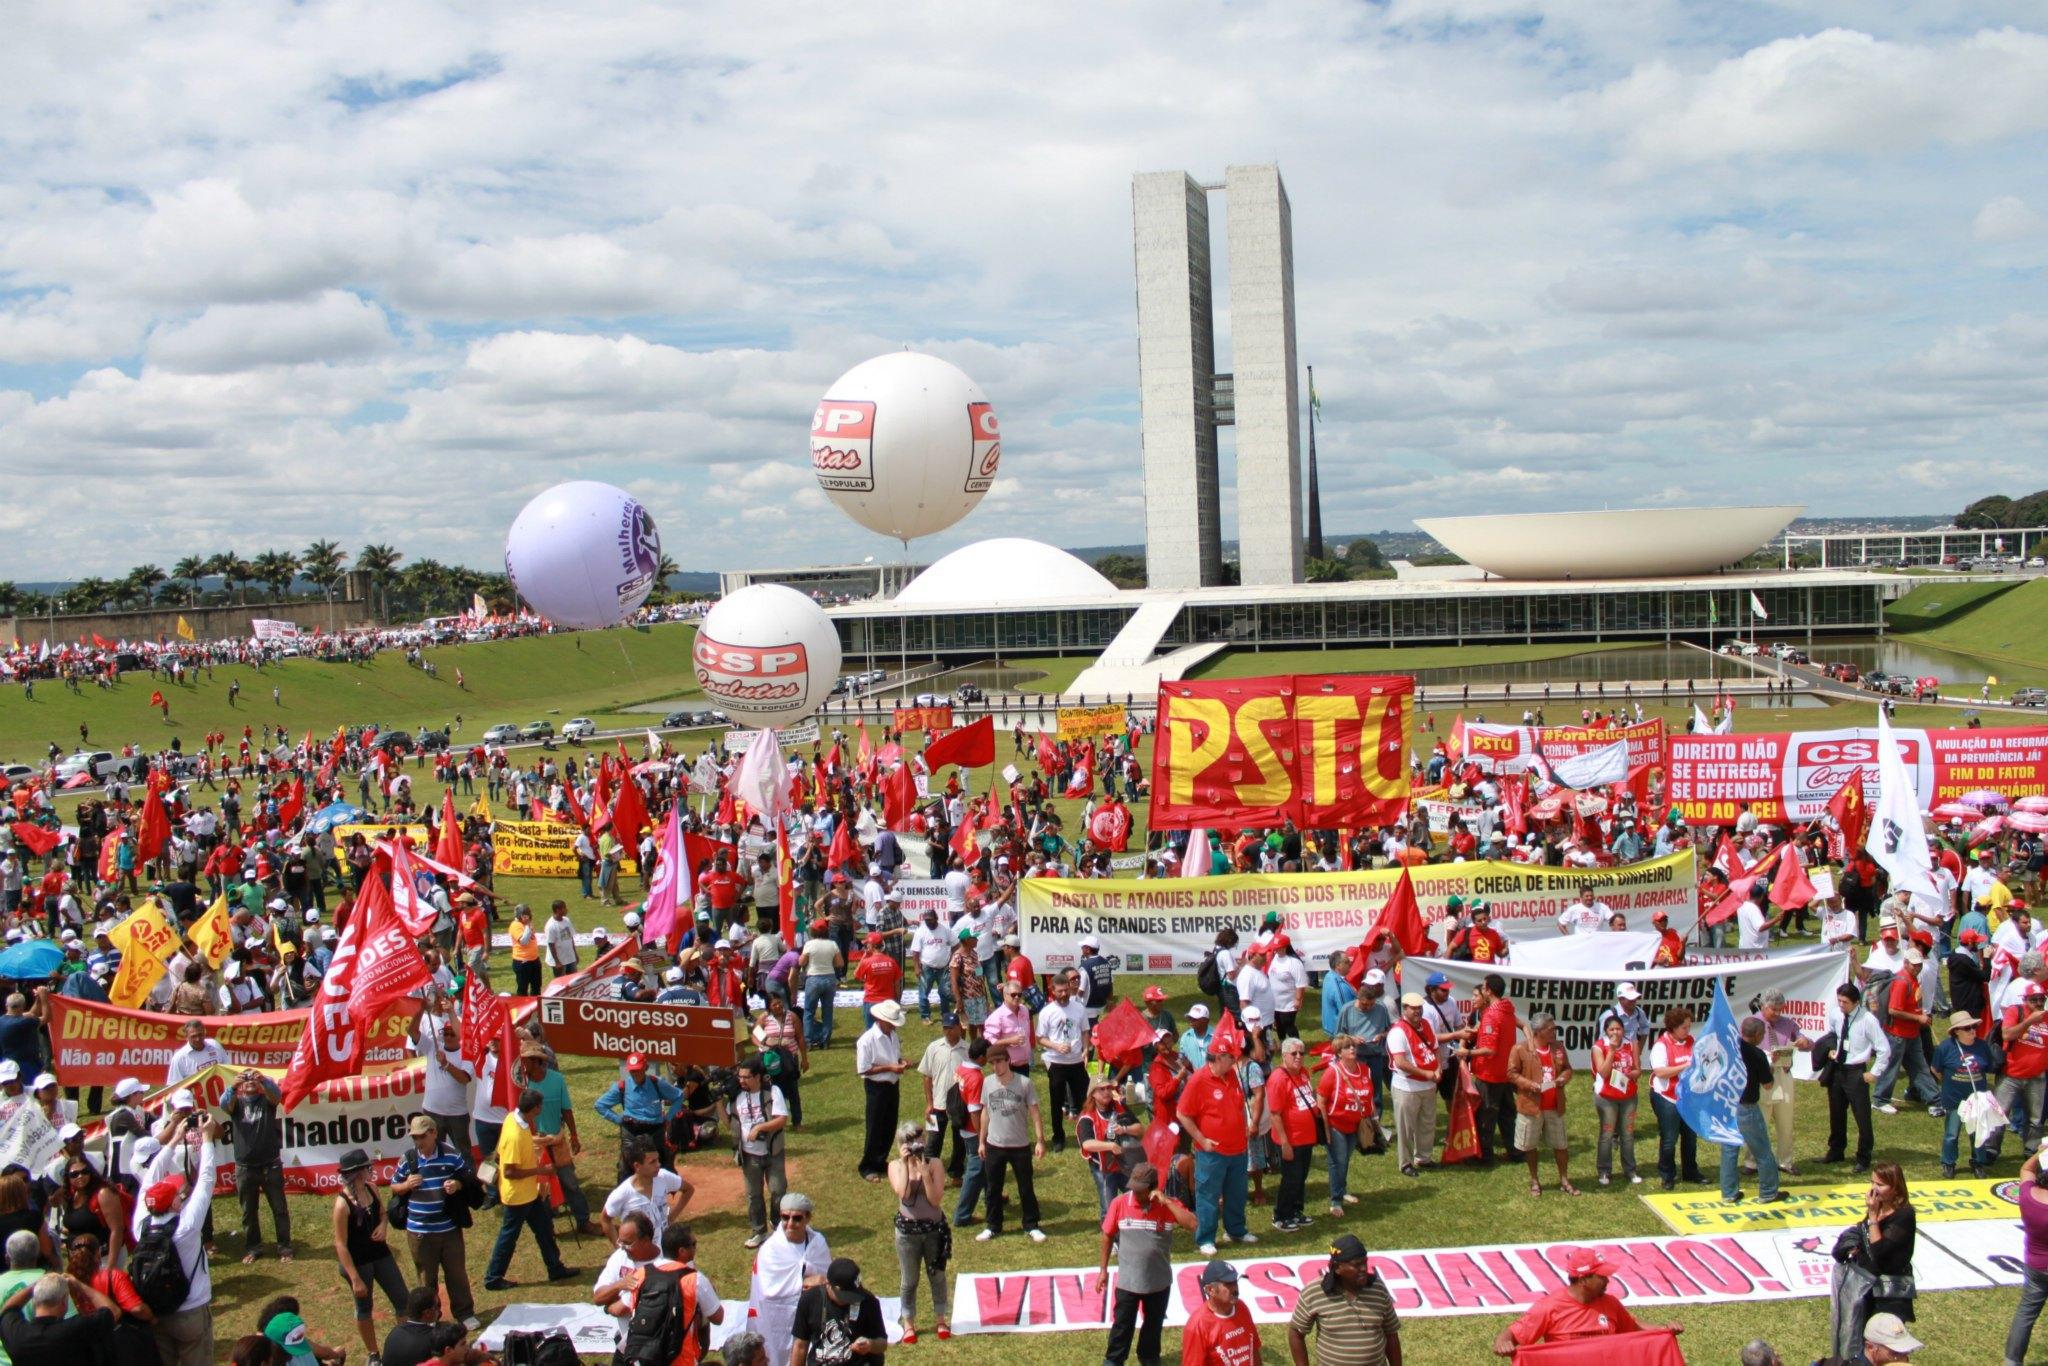 Marcha reúne milhares de trabalhadores em Brasília